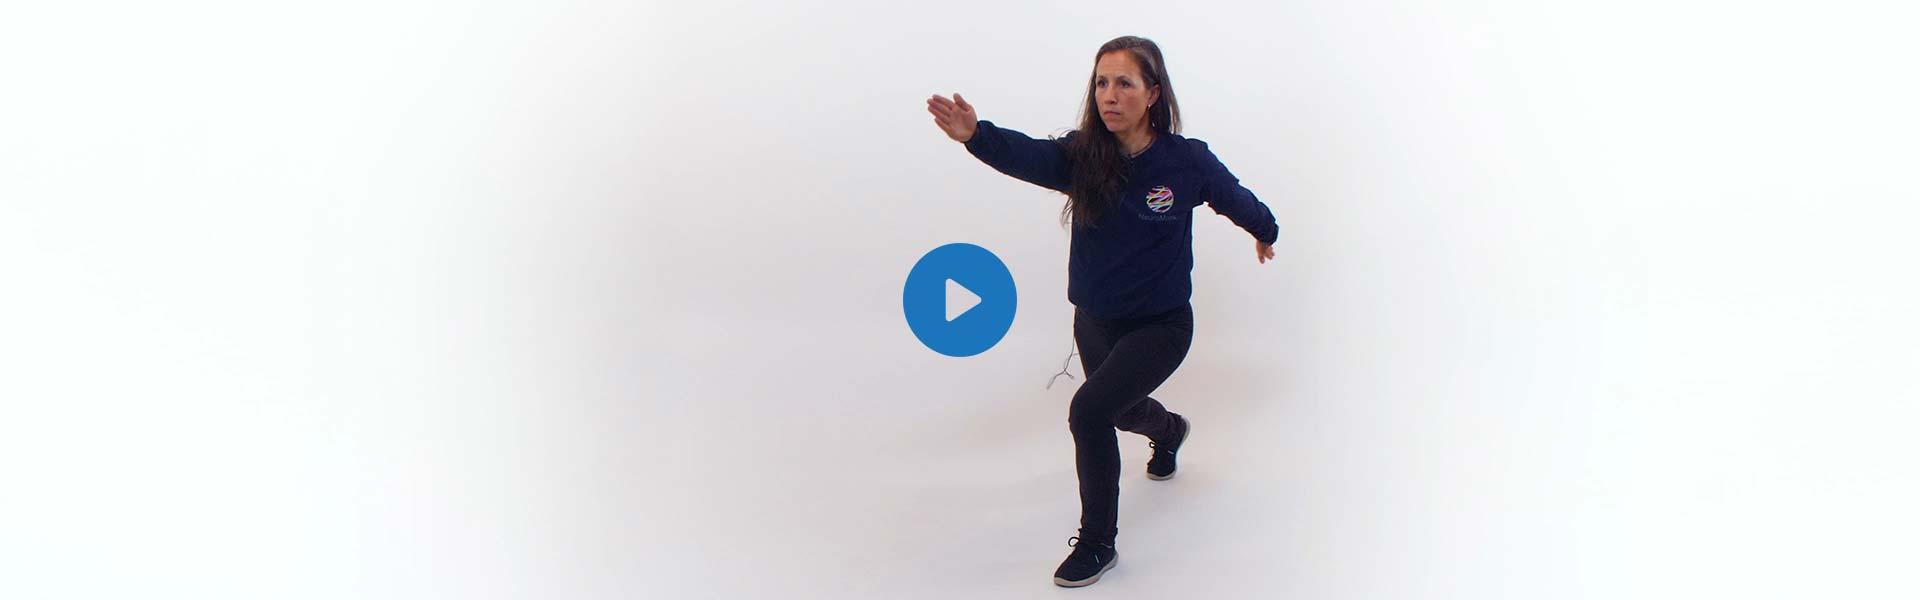 La kinésiologue Martine Lauzé executant l'exercice de la marche en ciseau